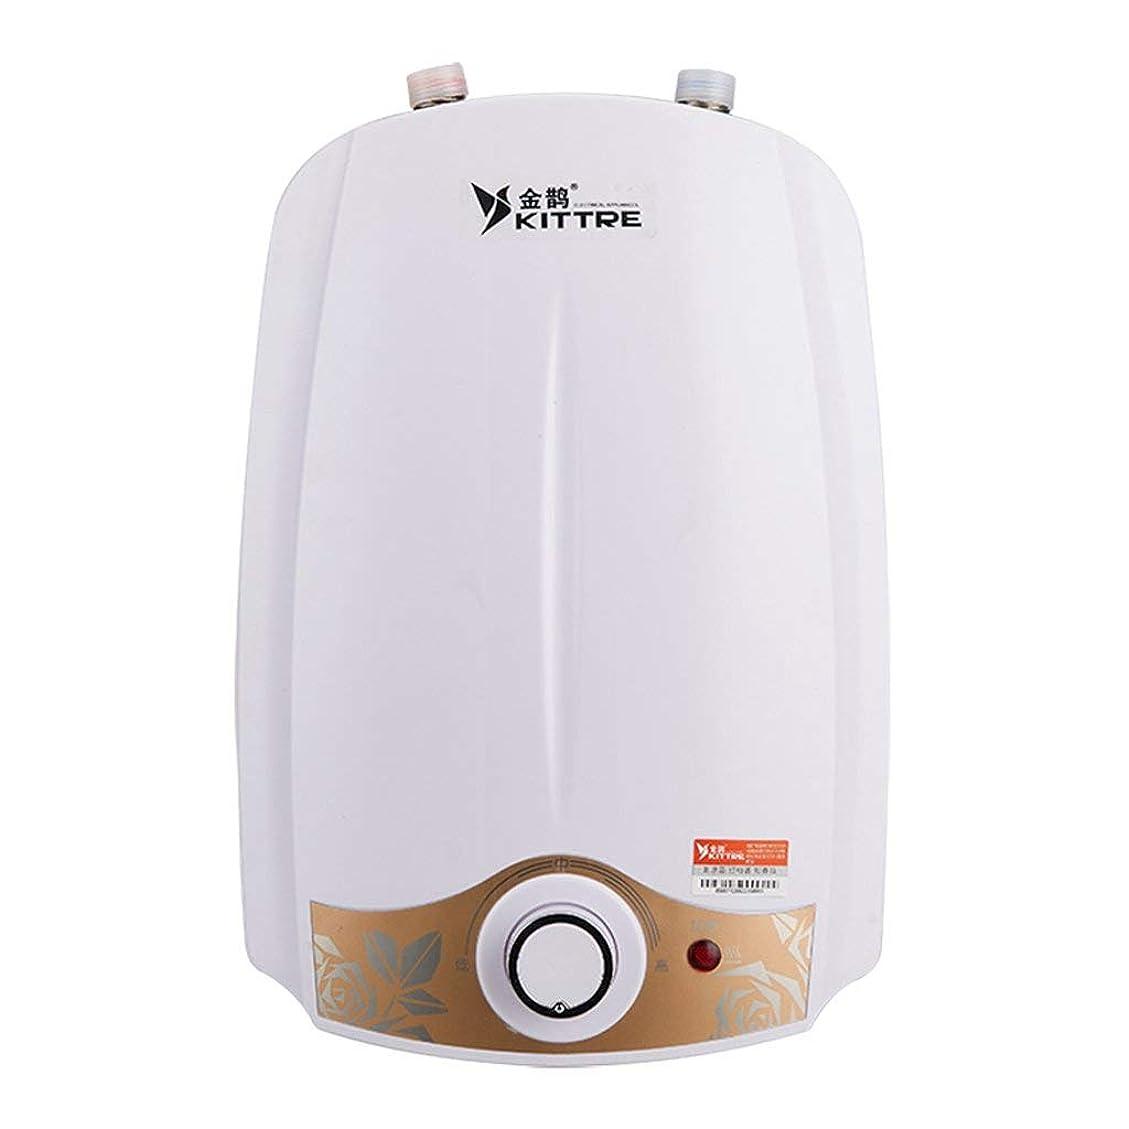 アパート放散する階6l電気給湯器システムインスタントシャワーパネルキットタンクレス給湯器用キッチンキッチン220ボルト